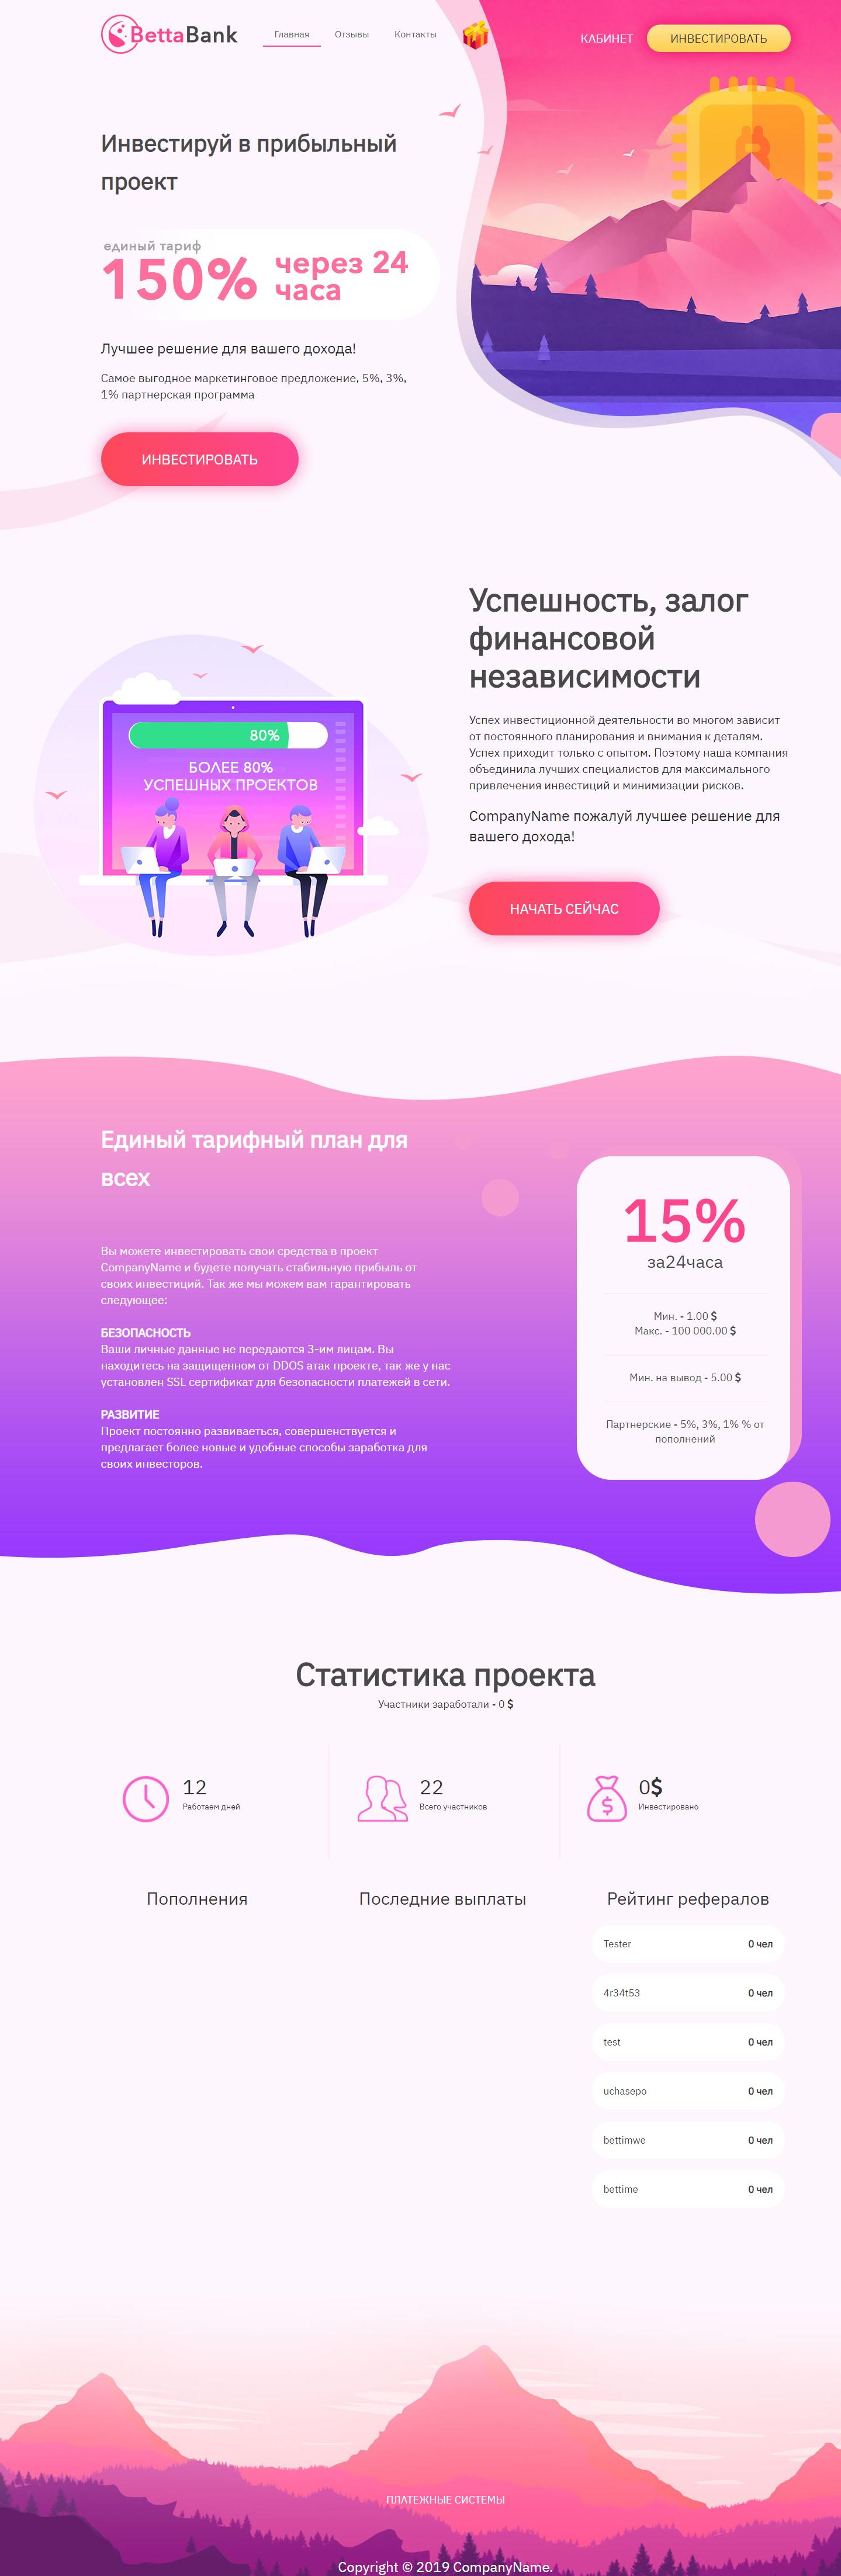 Скрипт Betta Bank » СКРИПТЫ БЕСПЛАТНО